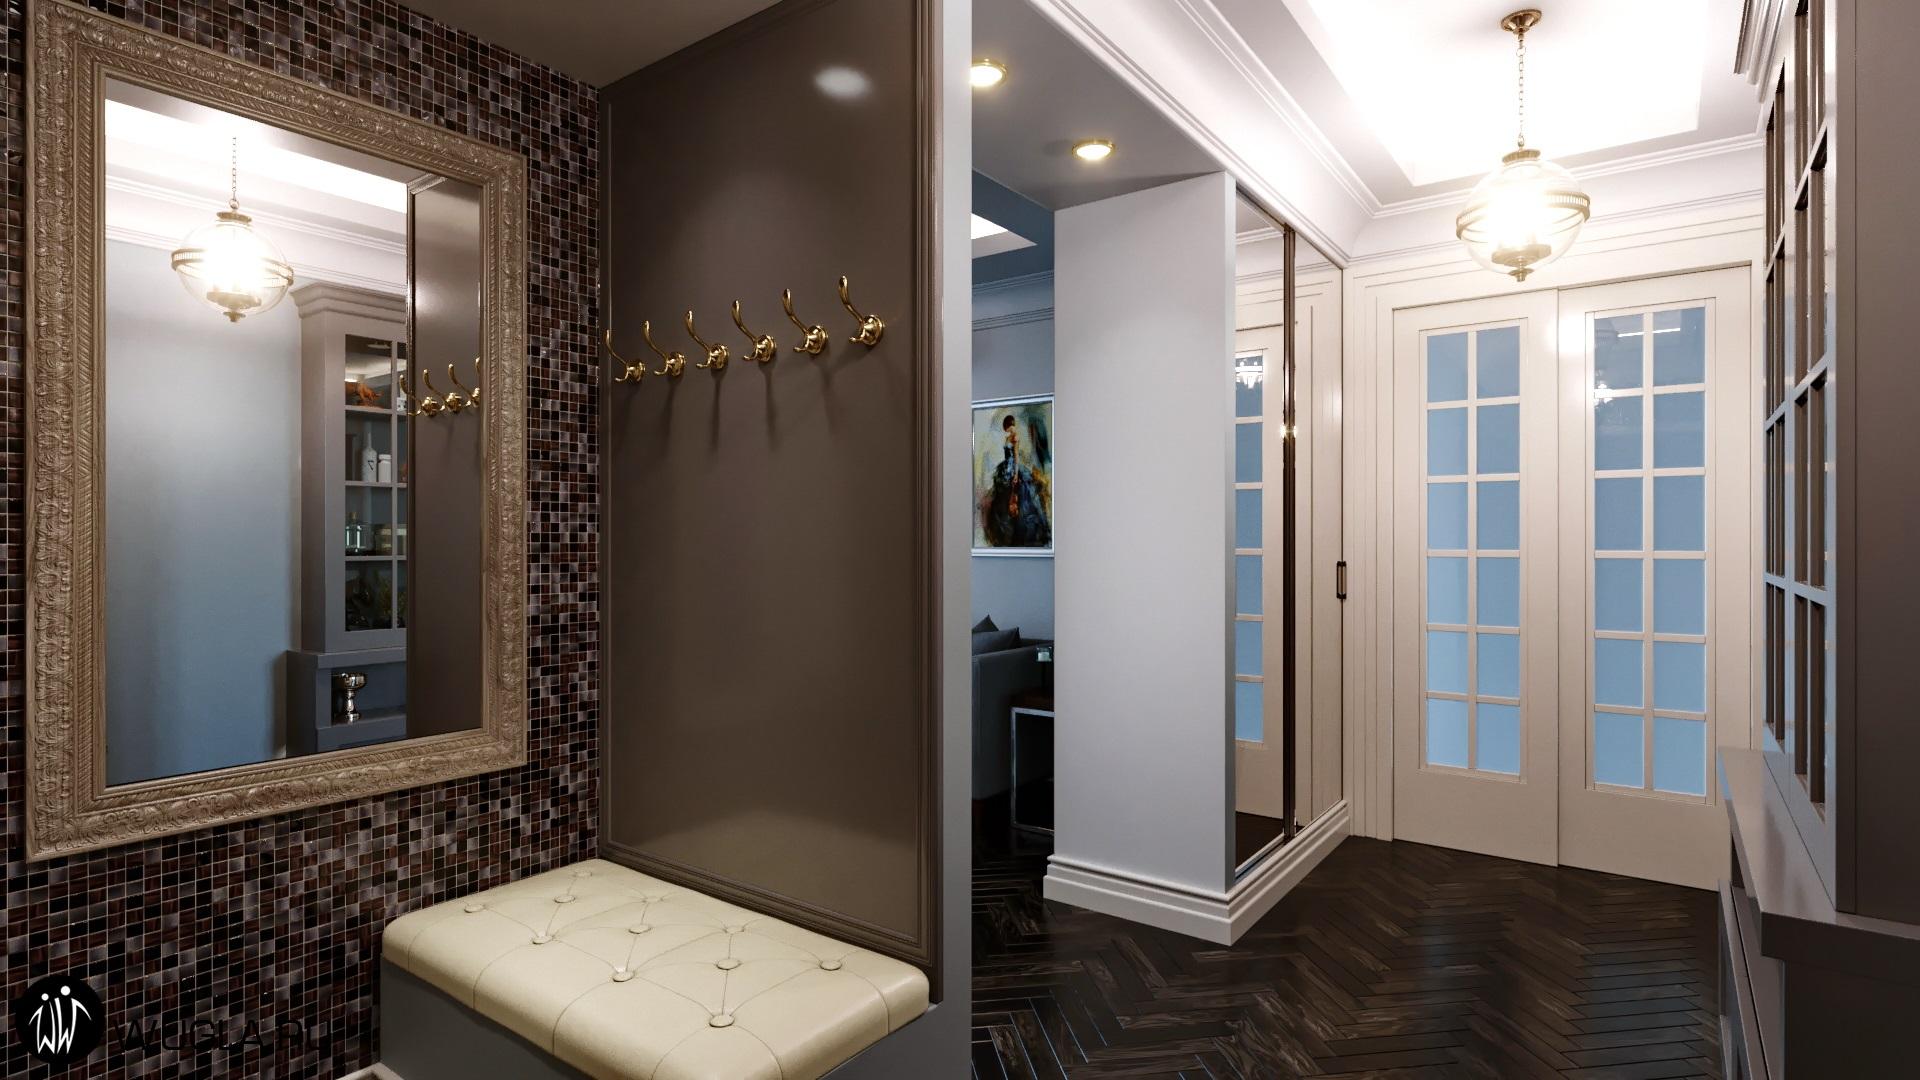 Москва. Дизайн коридора.